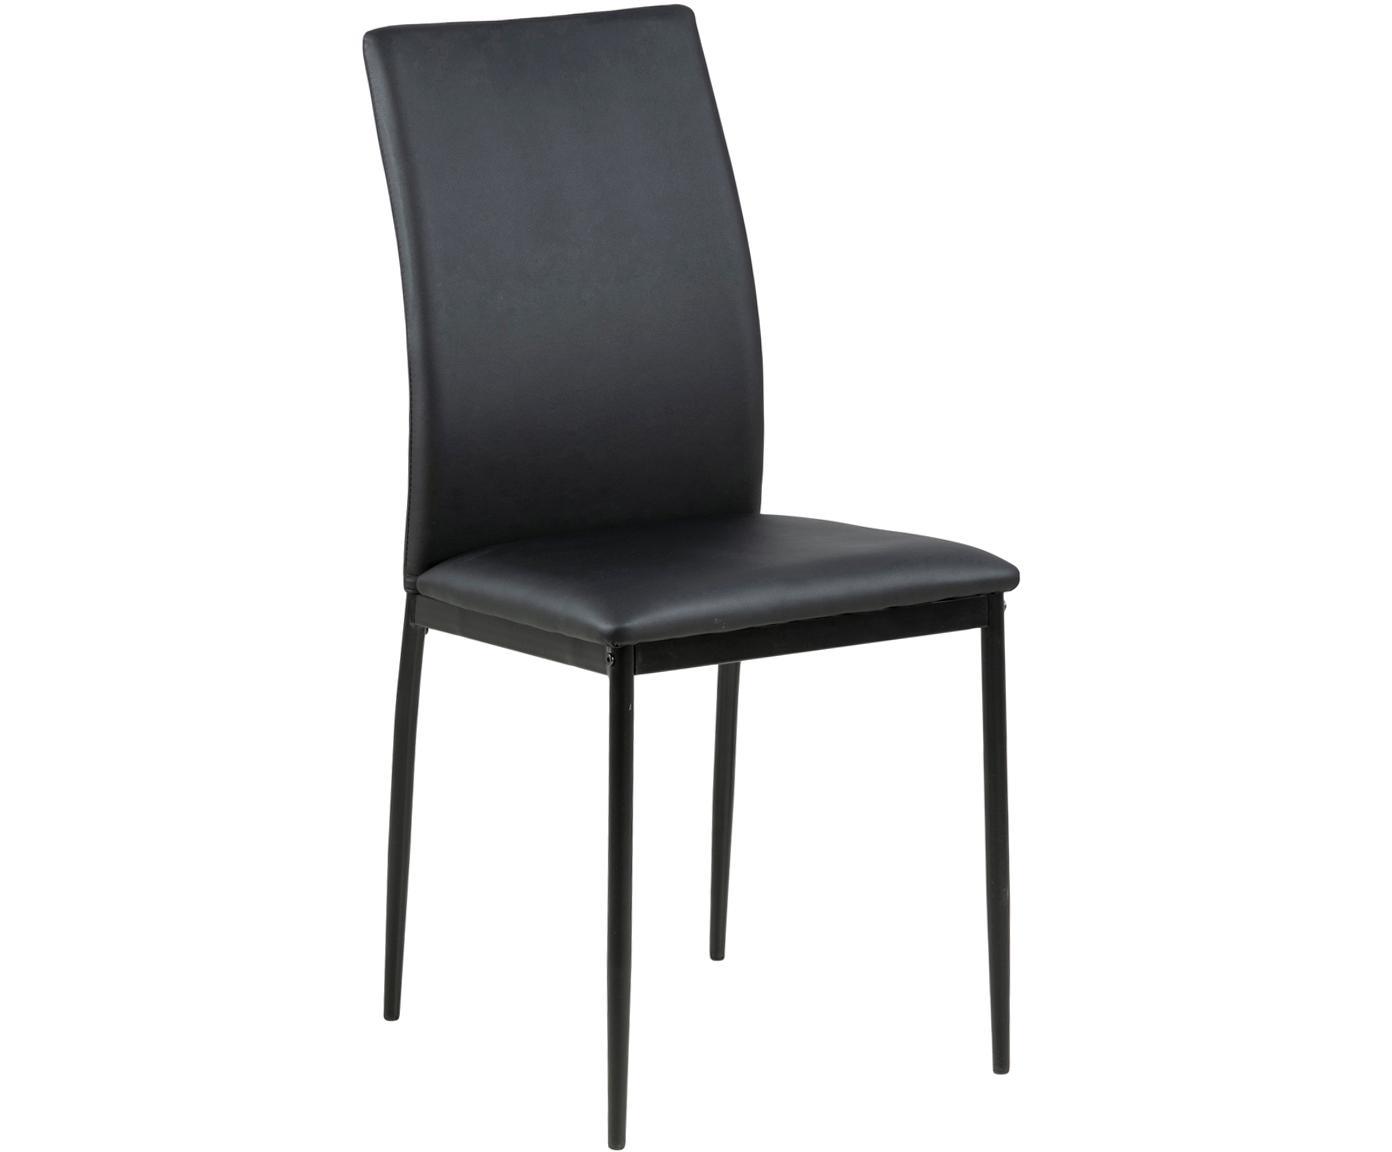 Kunstleren stoel Demina, Bekleding: polyurethaan (PU-leer), Poten: gepoedercoat metaal, Zwart, B 44 x D 53 cm